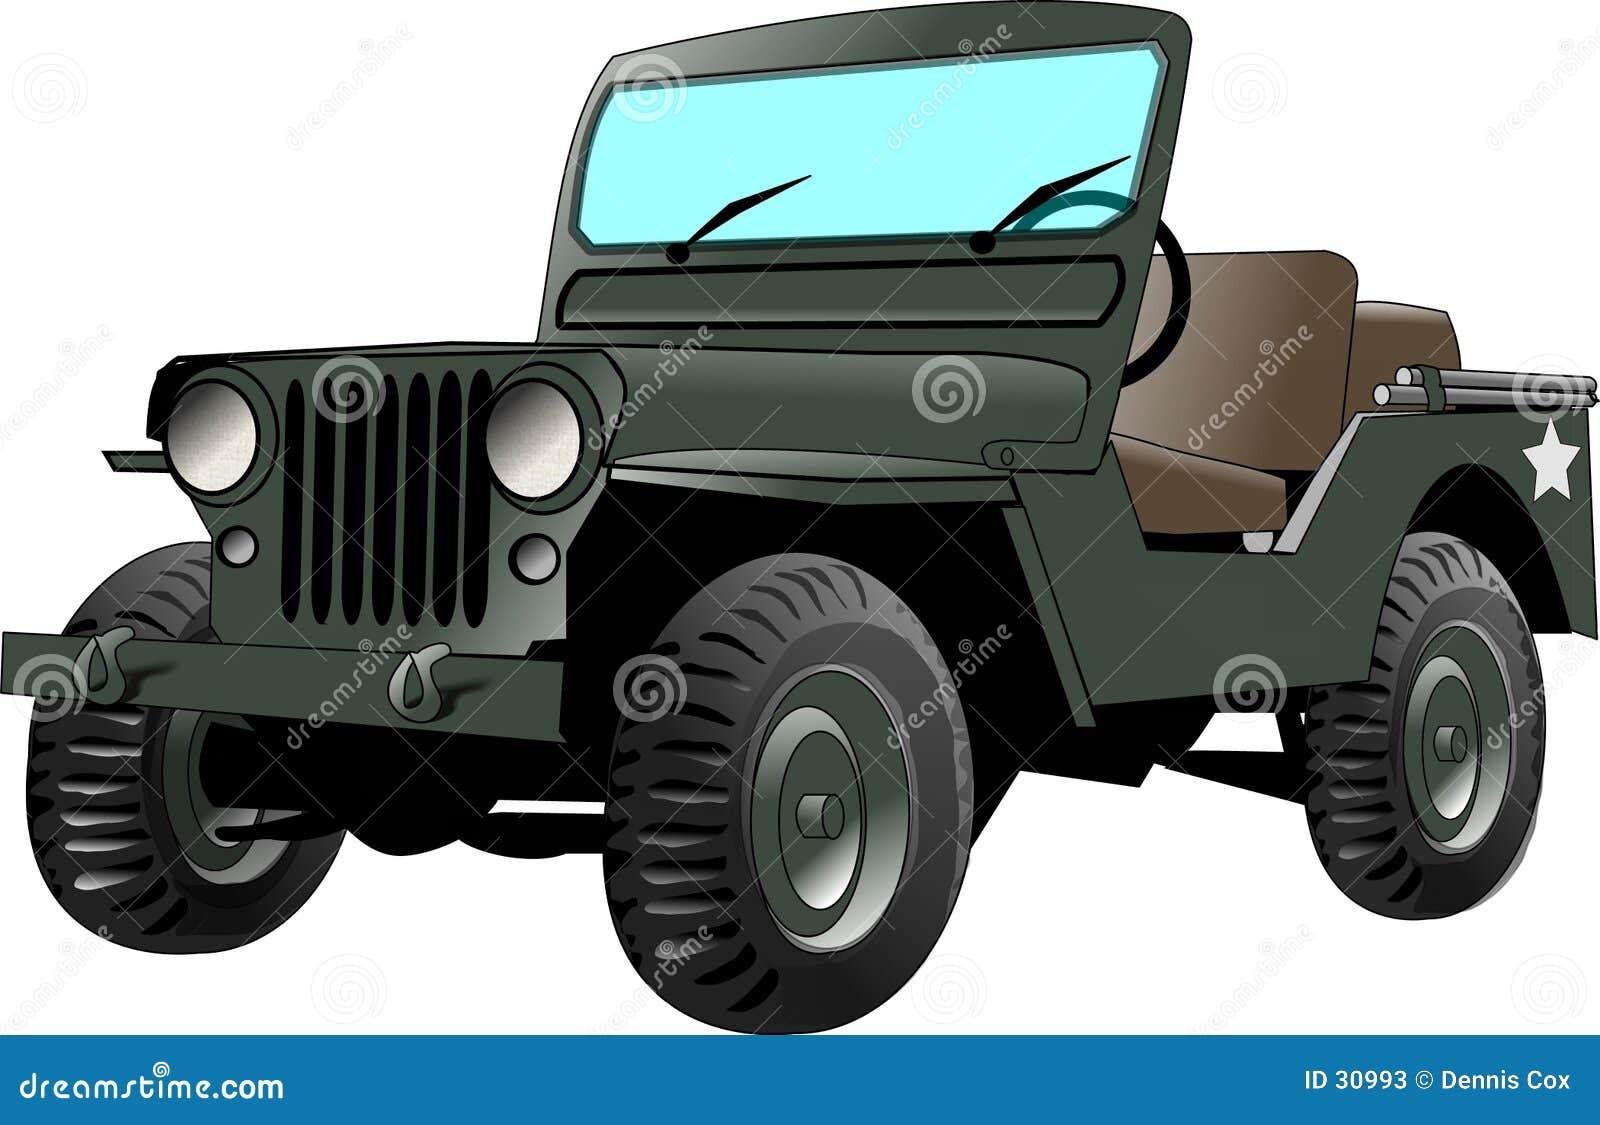 Download Armee-Jeep stock abbildung. Illustration von armee, militärisch - 30993